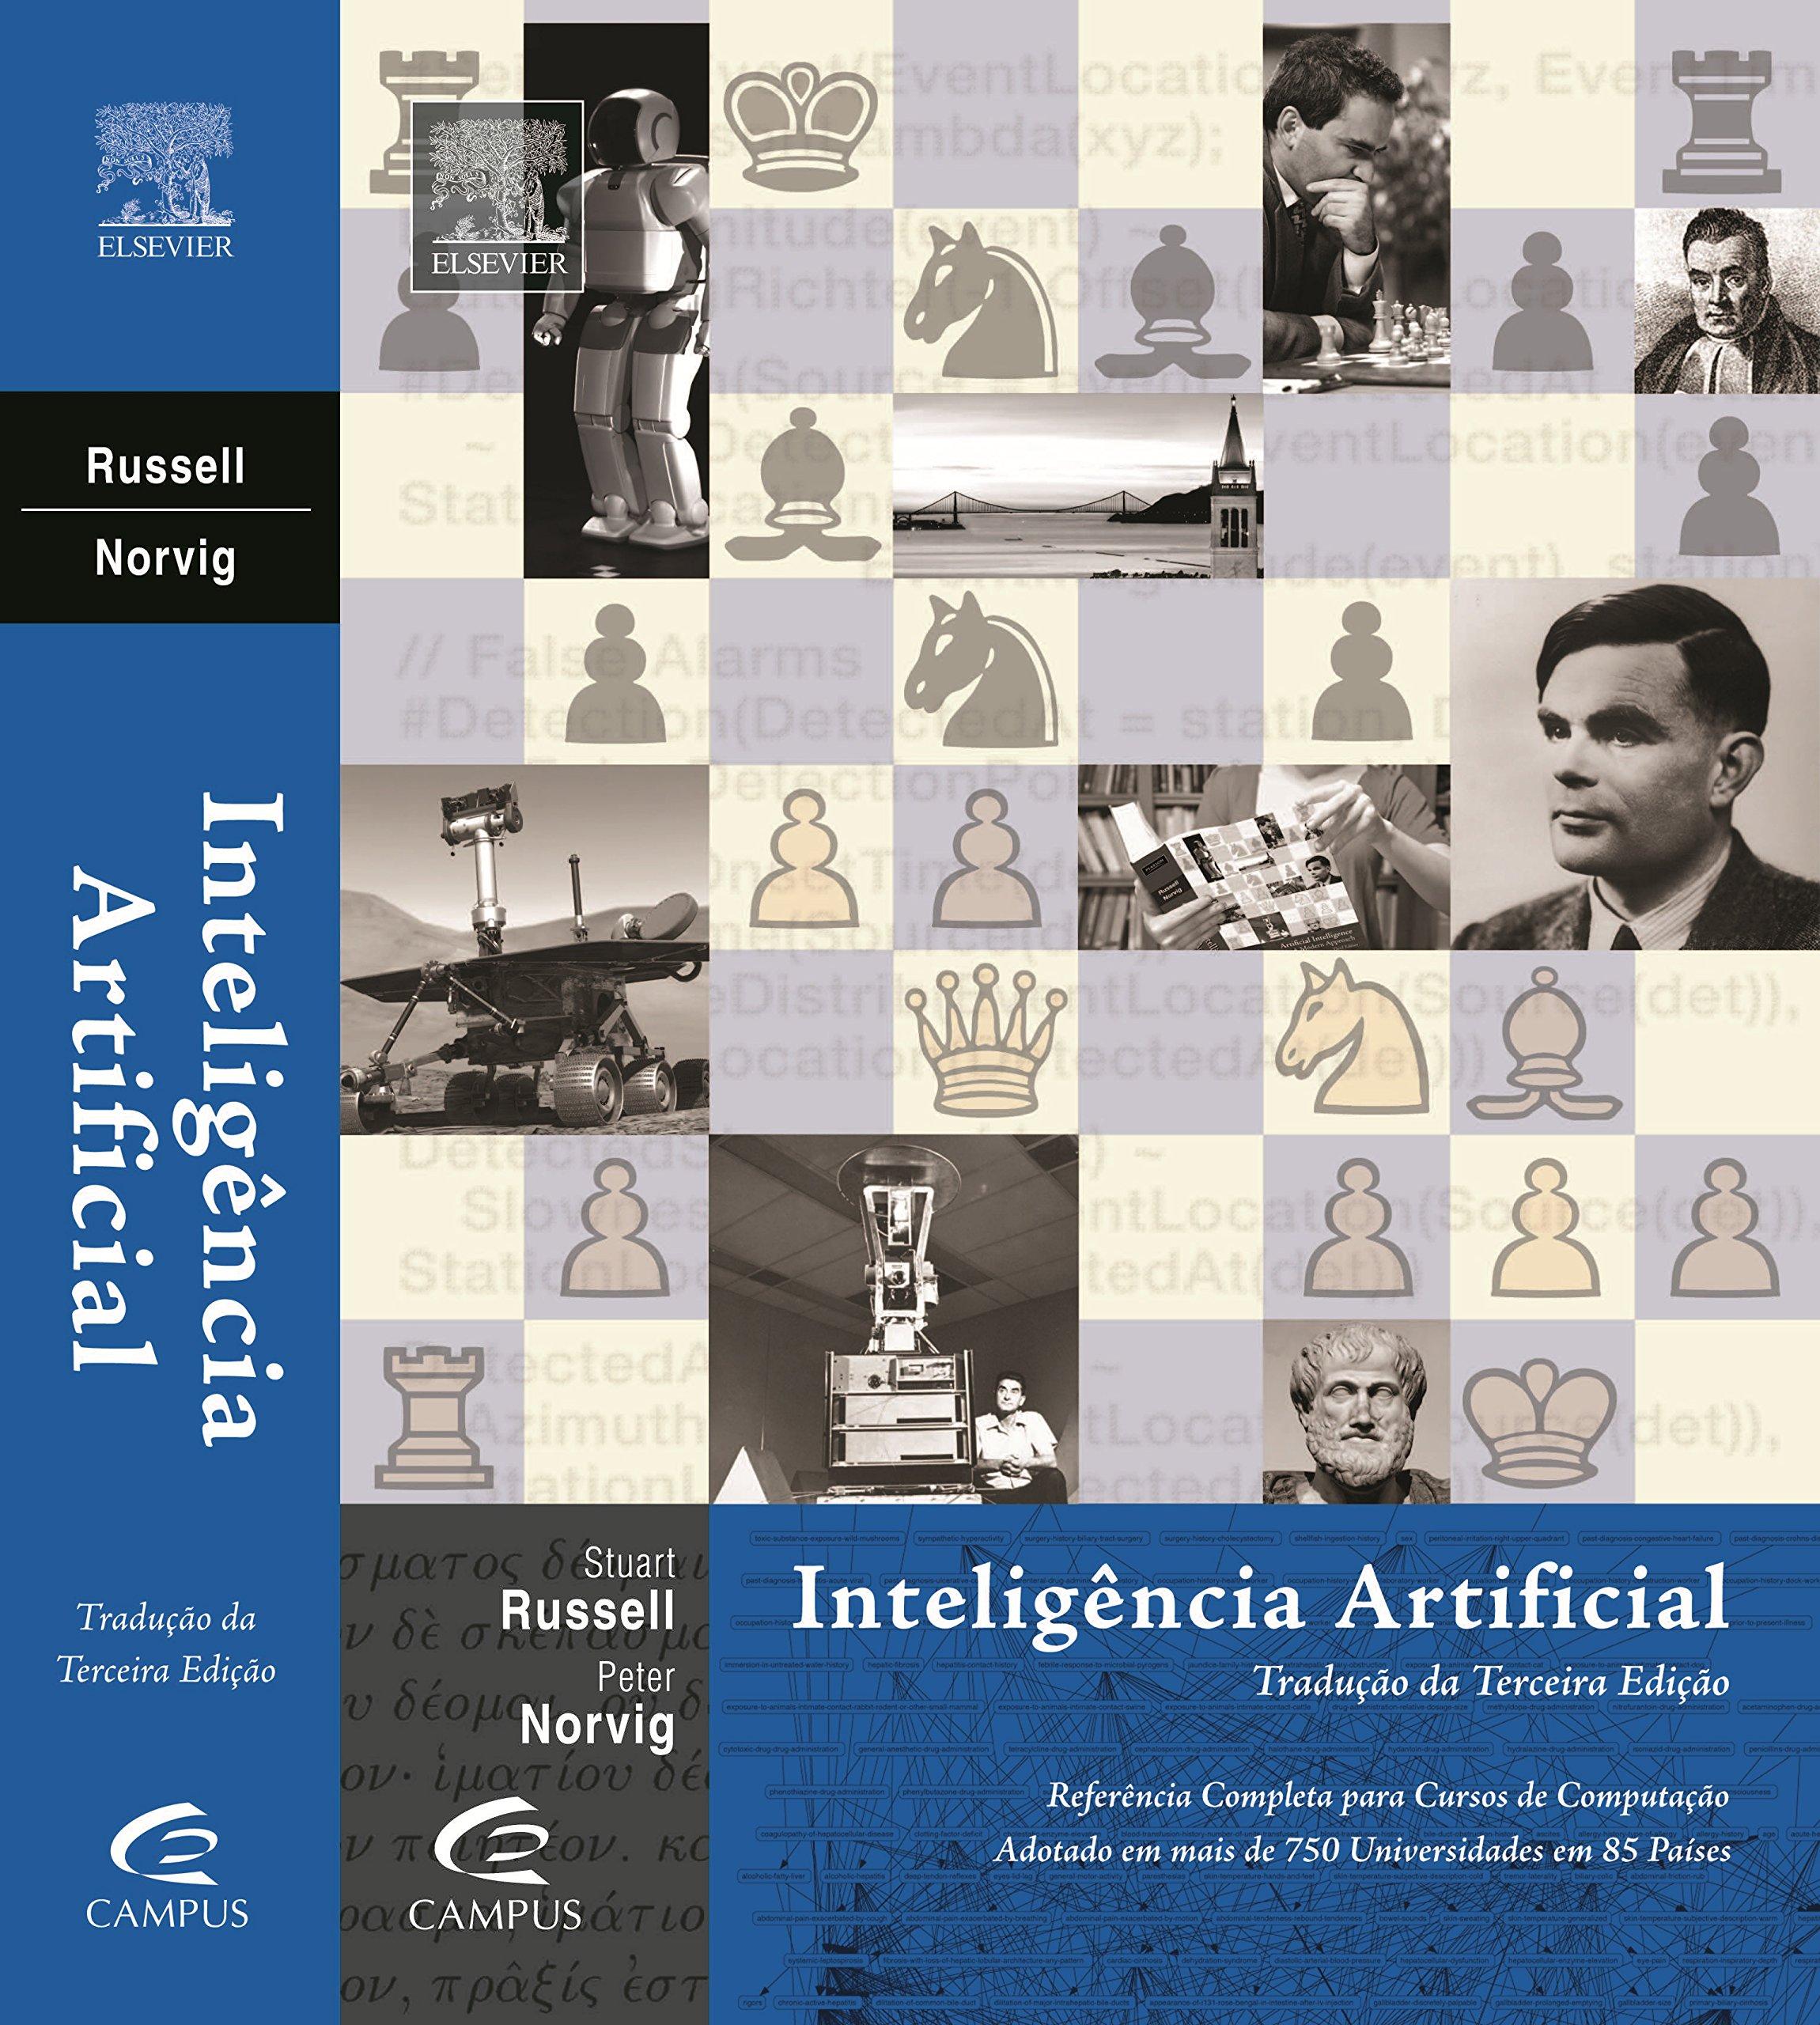 Inteligncia artificial 9788535237016 livros na amazon brasil fandeluxe Images